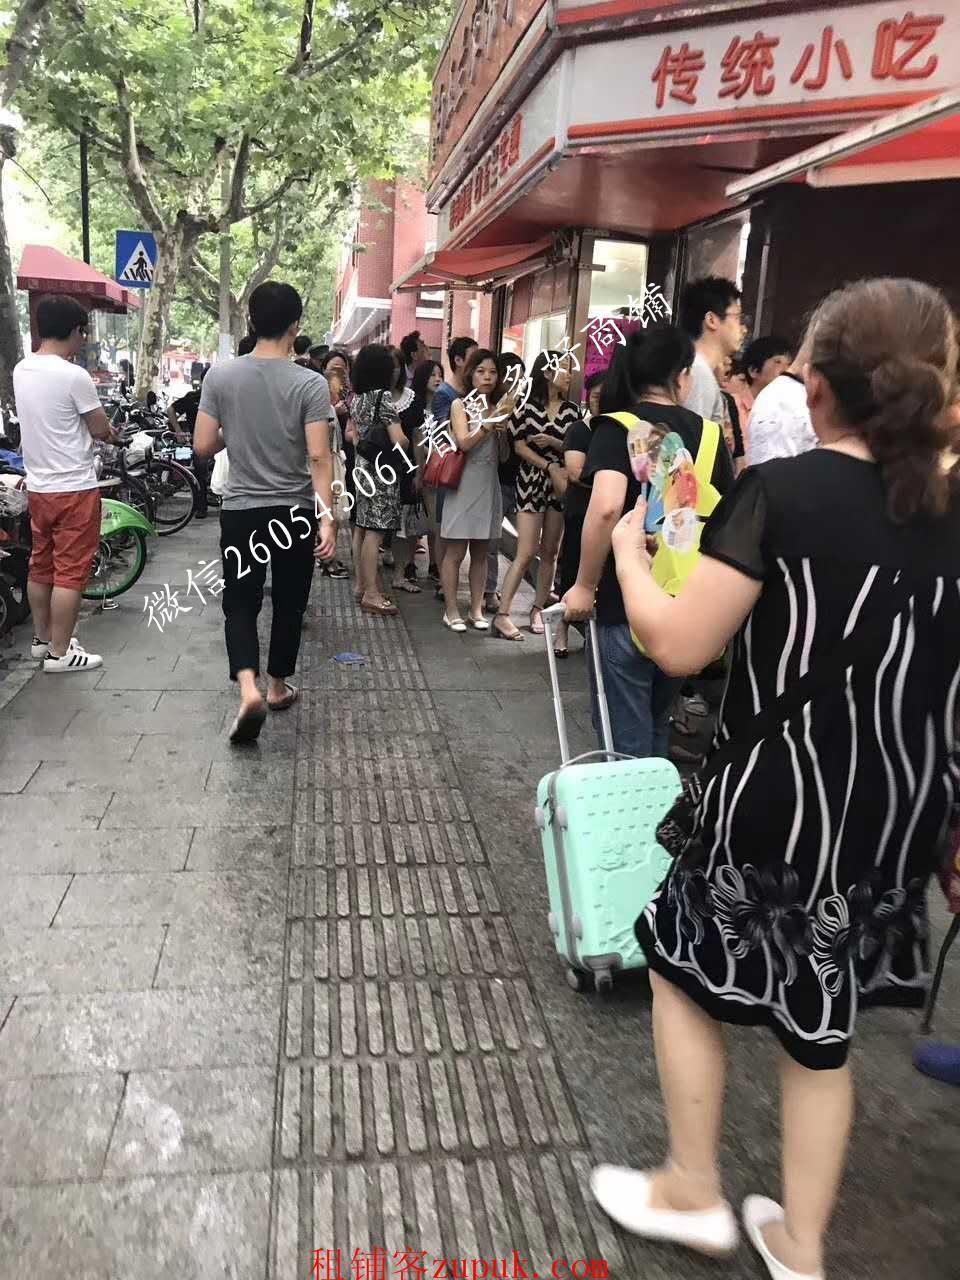 沿街餐饮商铺 长寿路地铁站 商圈里带执照人挤人地段